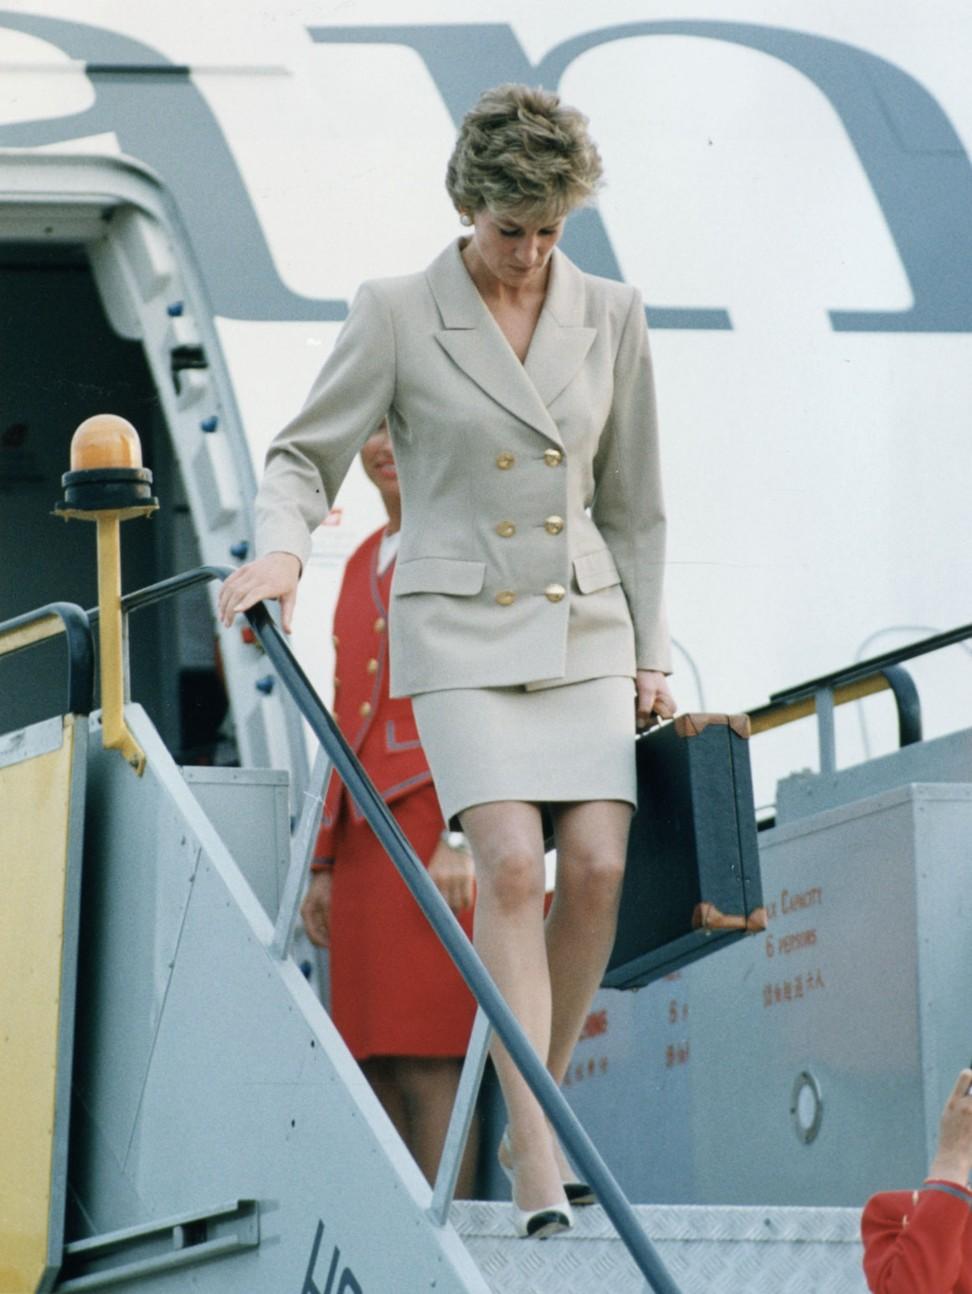 Rare Pics Reveal British Hong Kong S Fashionable Royals